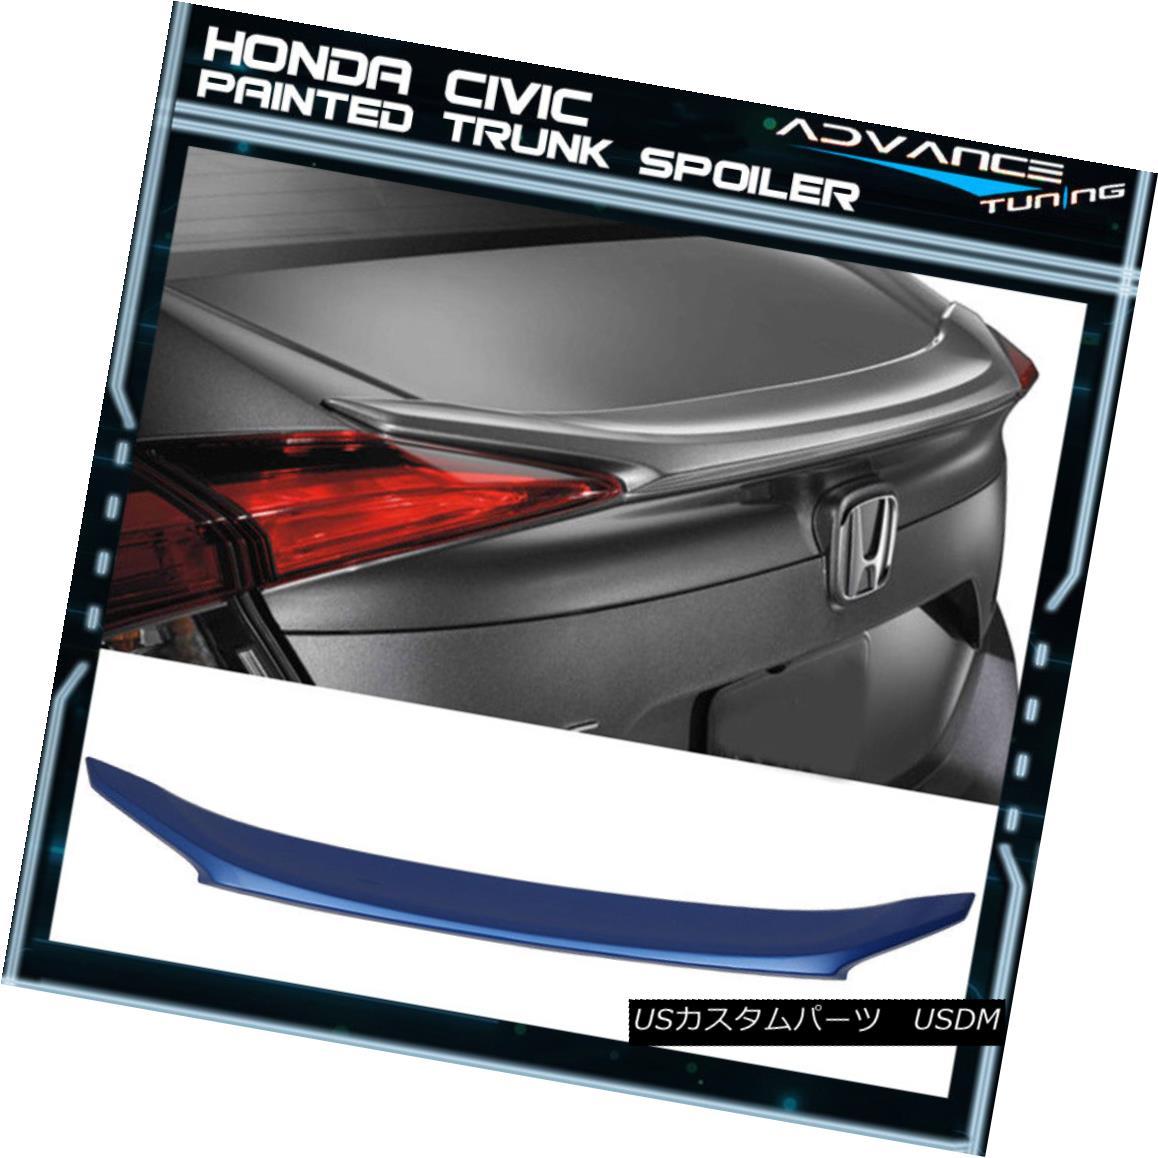 エアロパーツ 16-18 Honda Civic X 4Dr OE Trunk Spoiler ABS Painted Aegean Blue Metallic #B593M 16-18 Honda Civic X 4Dr OEトランク・スポイラーABS塗装Aegean Blue Metallic#B593M